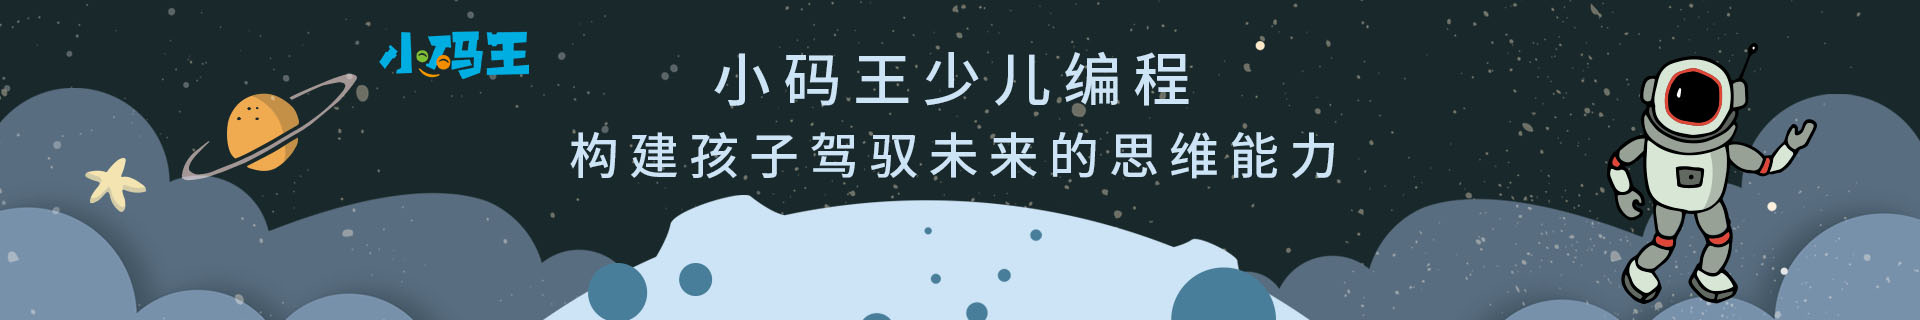 天津和平赛顿小码王少儿编程培训